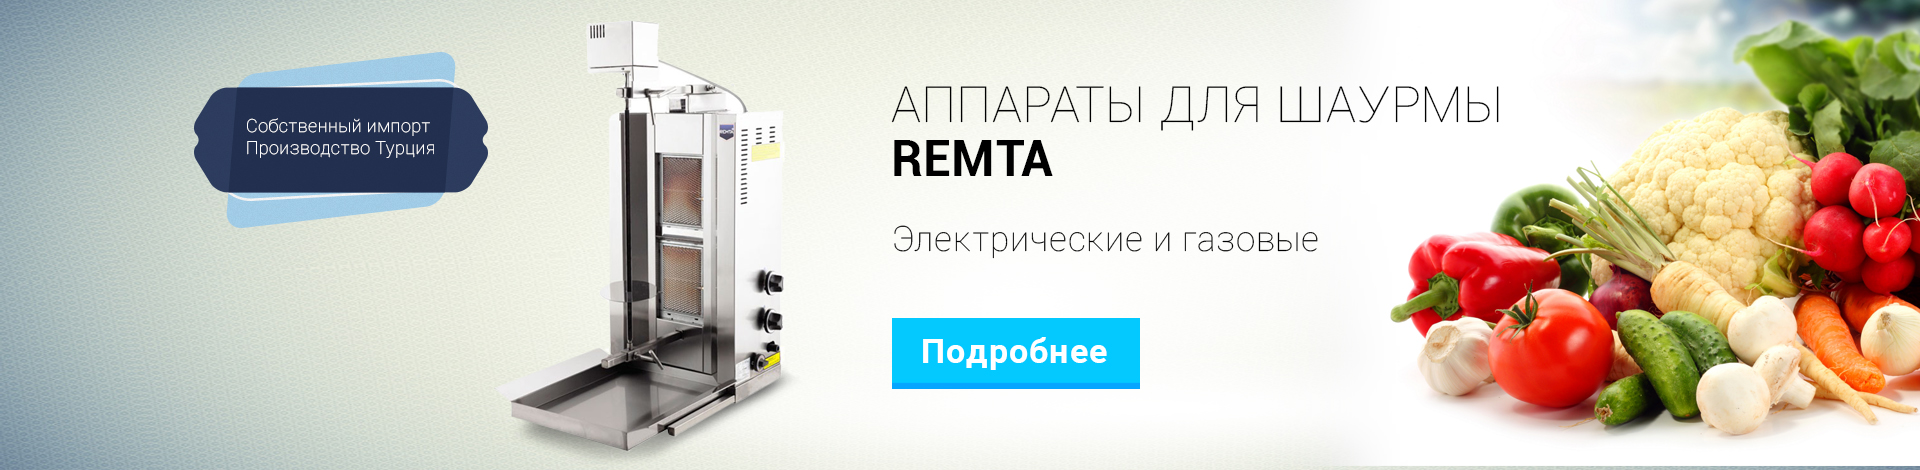 Аппараты для шаурмы Remta